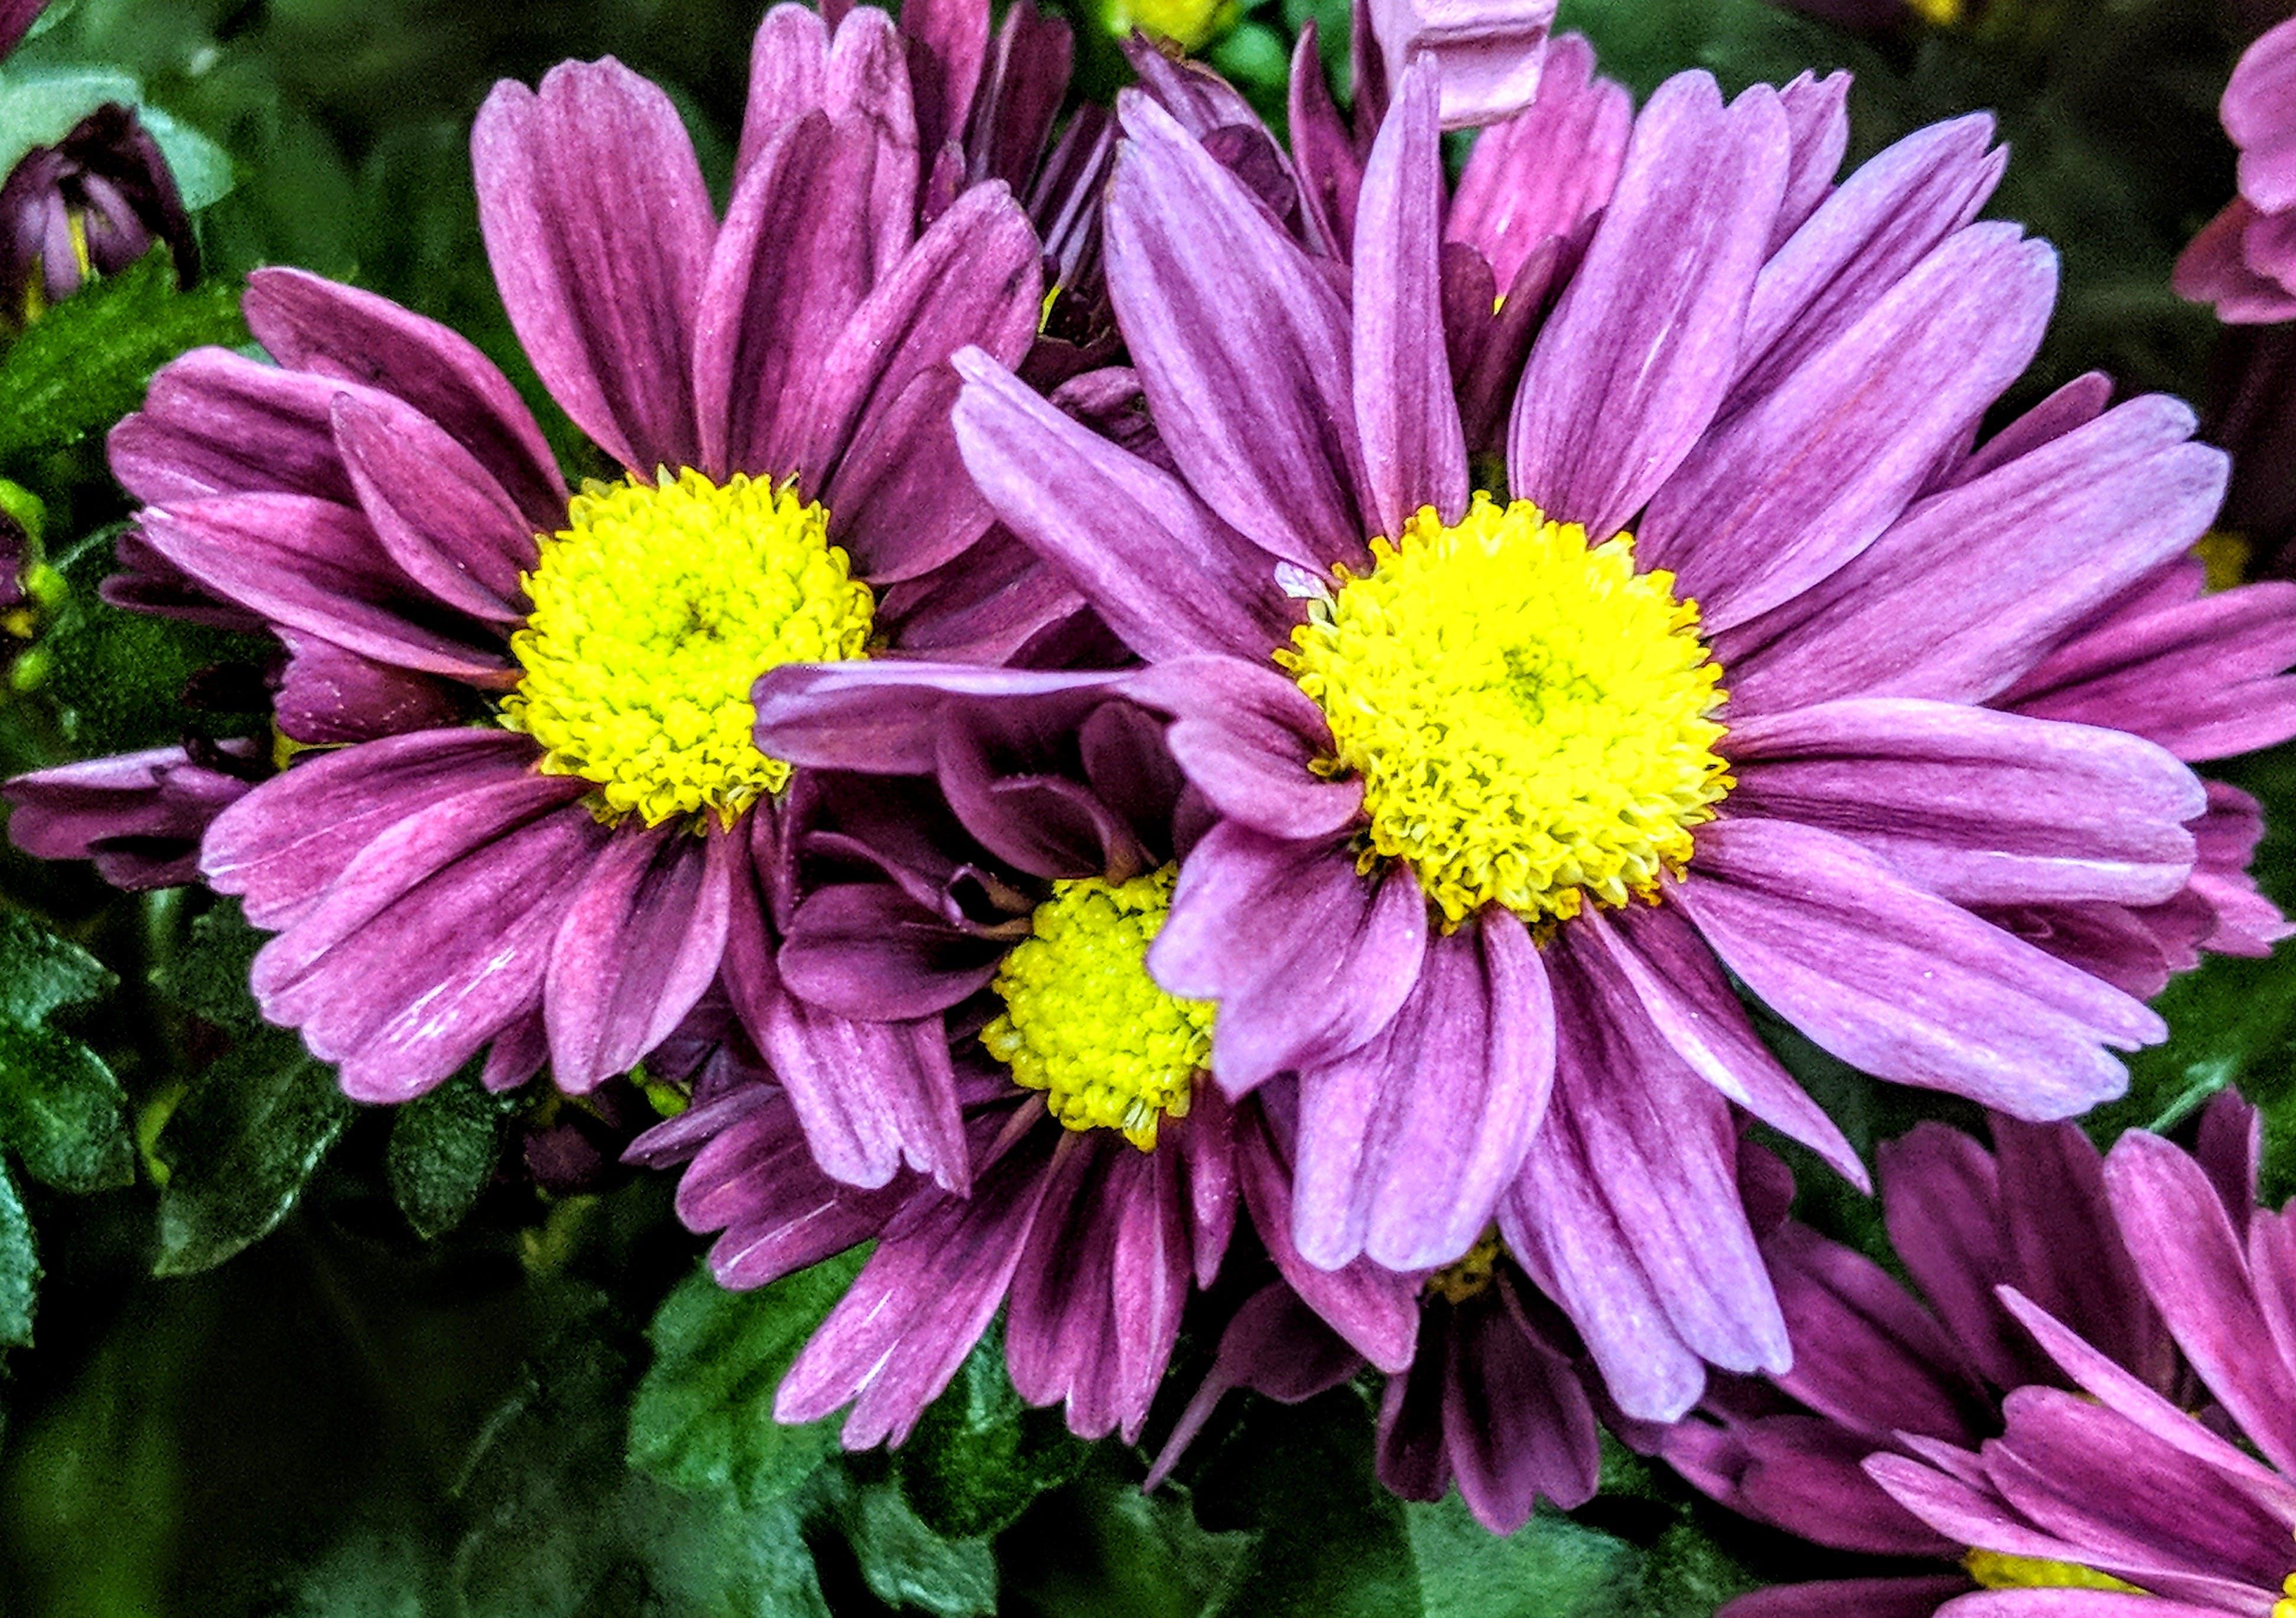 Fotos de stock gratuitas de flora, floración, flores, pétalo